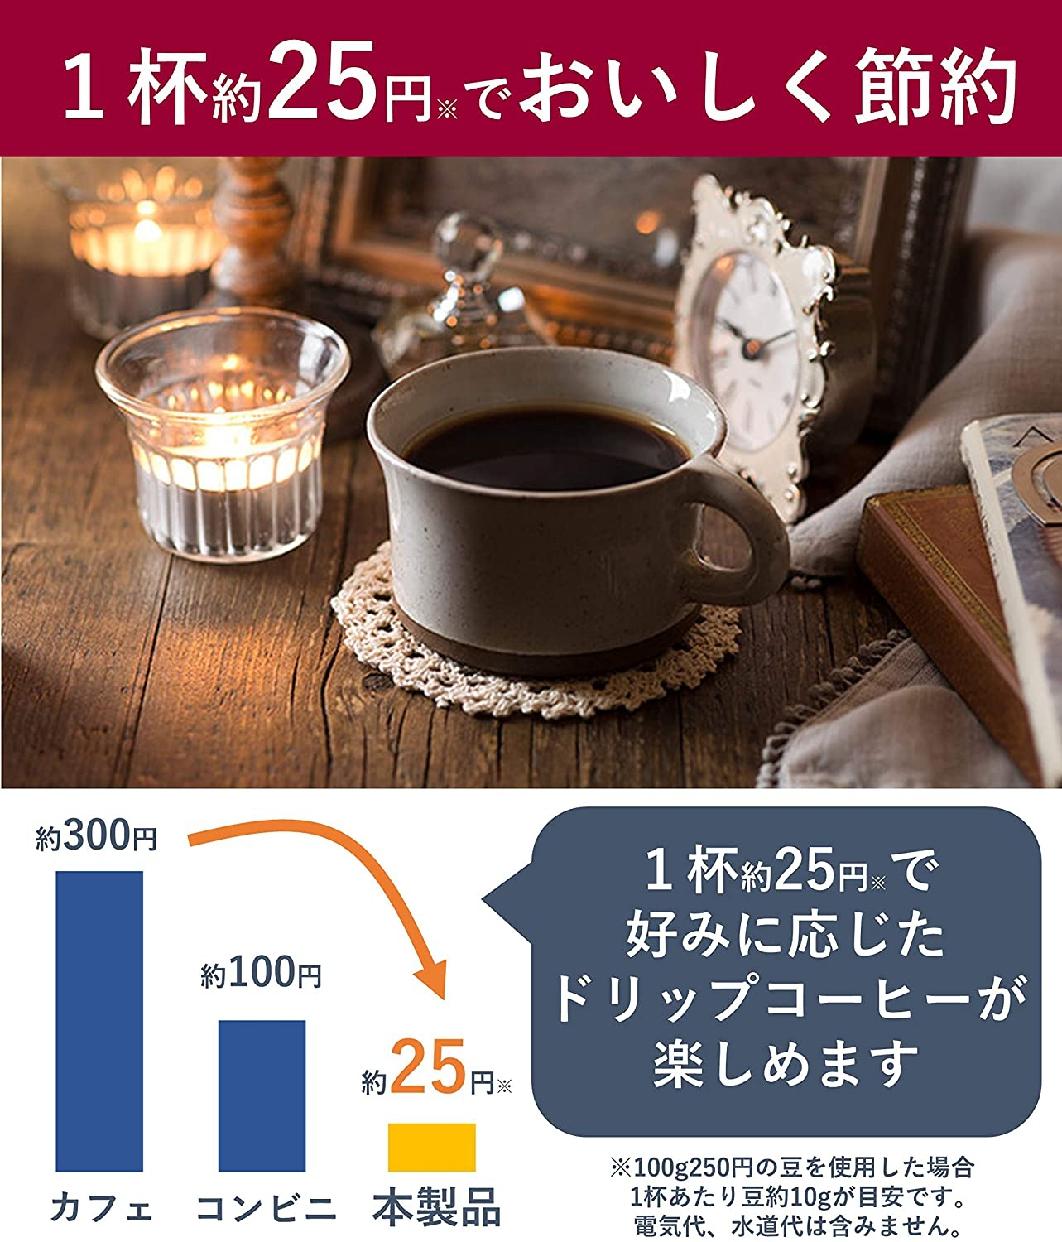 Panasonic(パナソニック)沸騰浄水コーヒーメーカー NC-A57の商品画像6